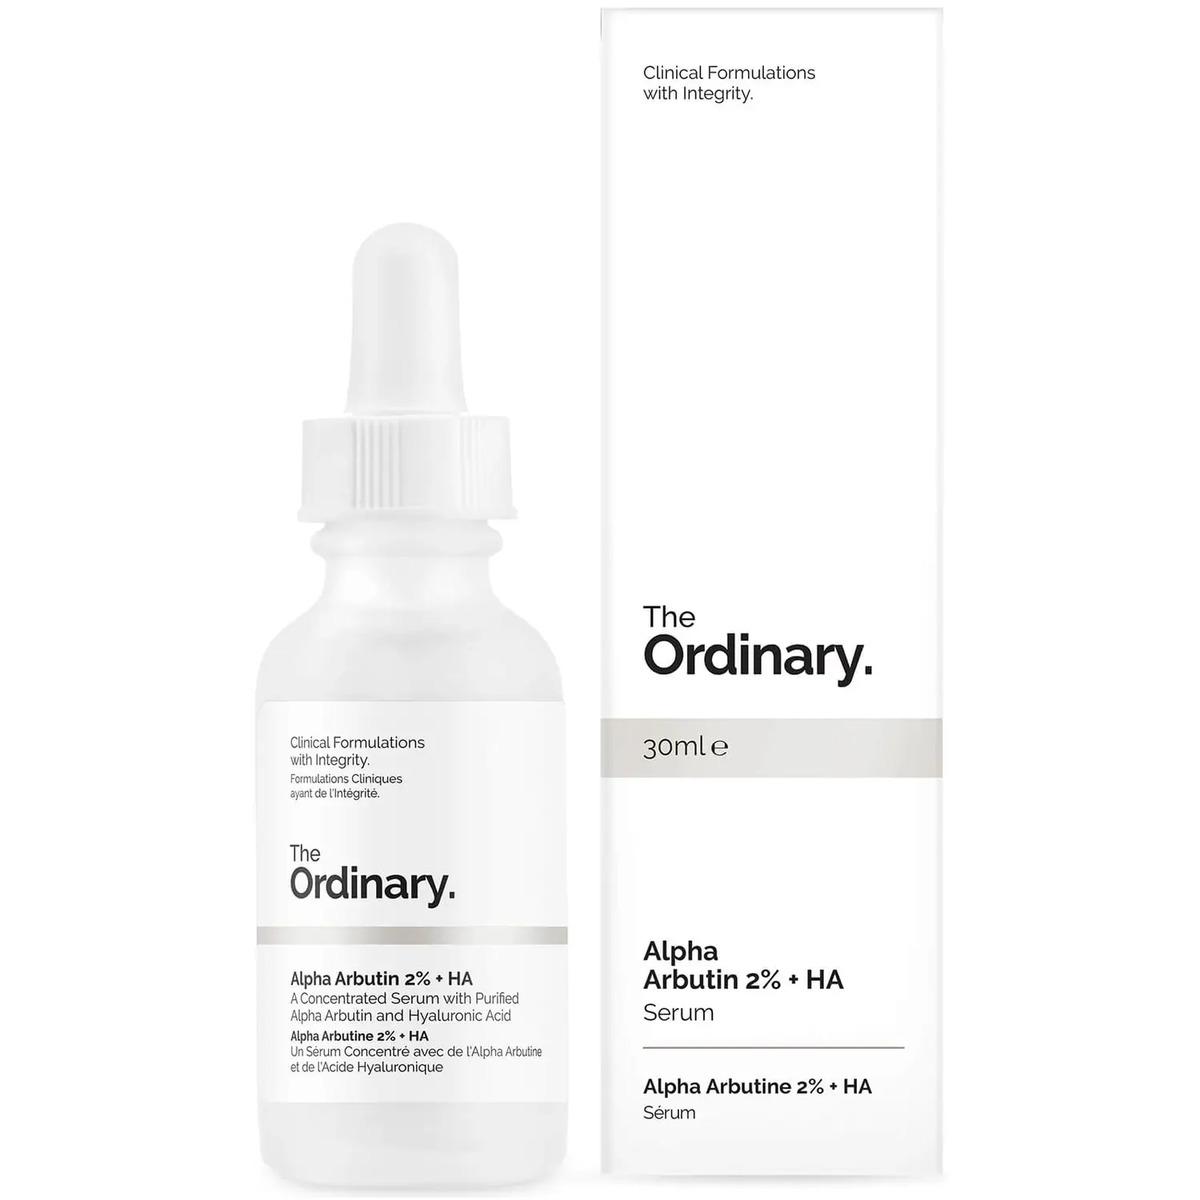 色素沈着 安い 激安 在庫一掃 プチプラ 高品質 シミ ニキビ跡を目立たなくする美白美容液 The Ordinary ジオーディナリー アルファアルブチン2% HA 30ml Arbutin 2% + Alpha